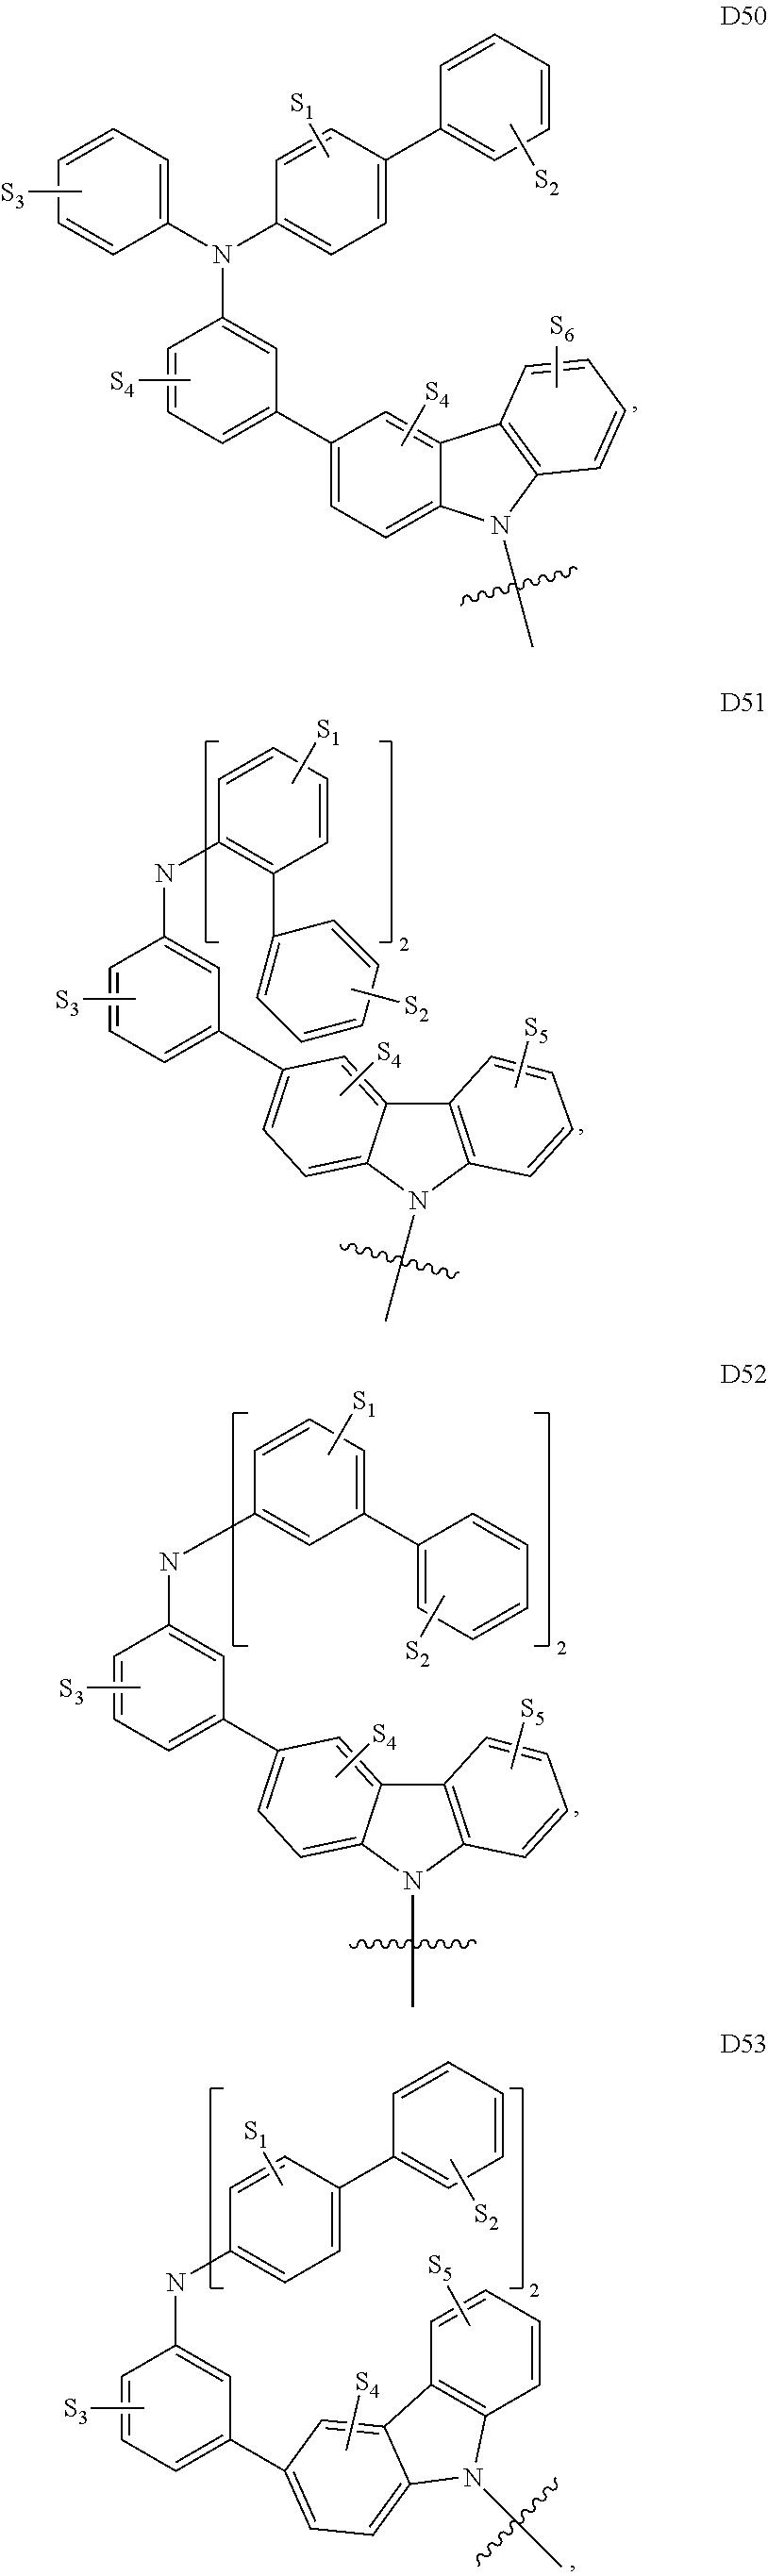 Figure US09537106-20170103-C00579